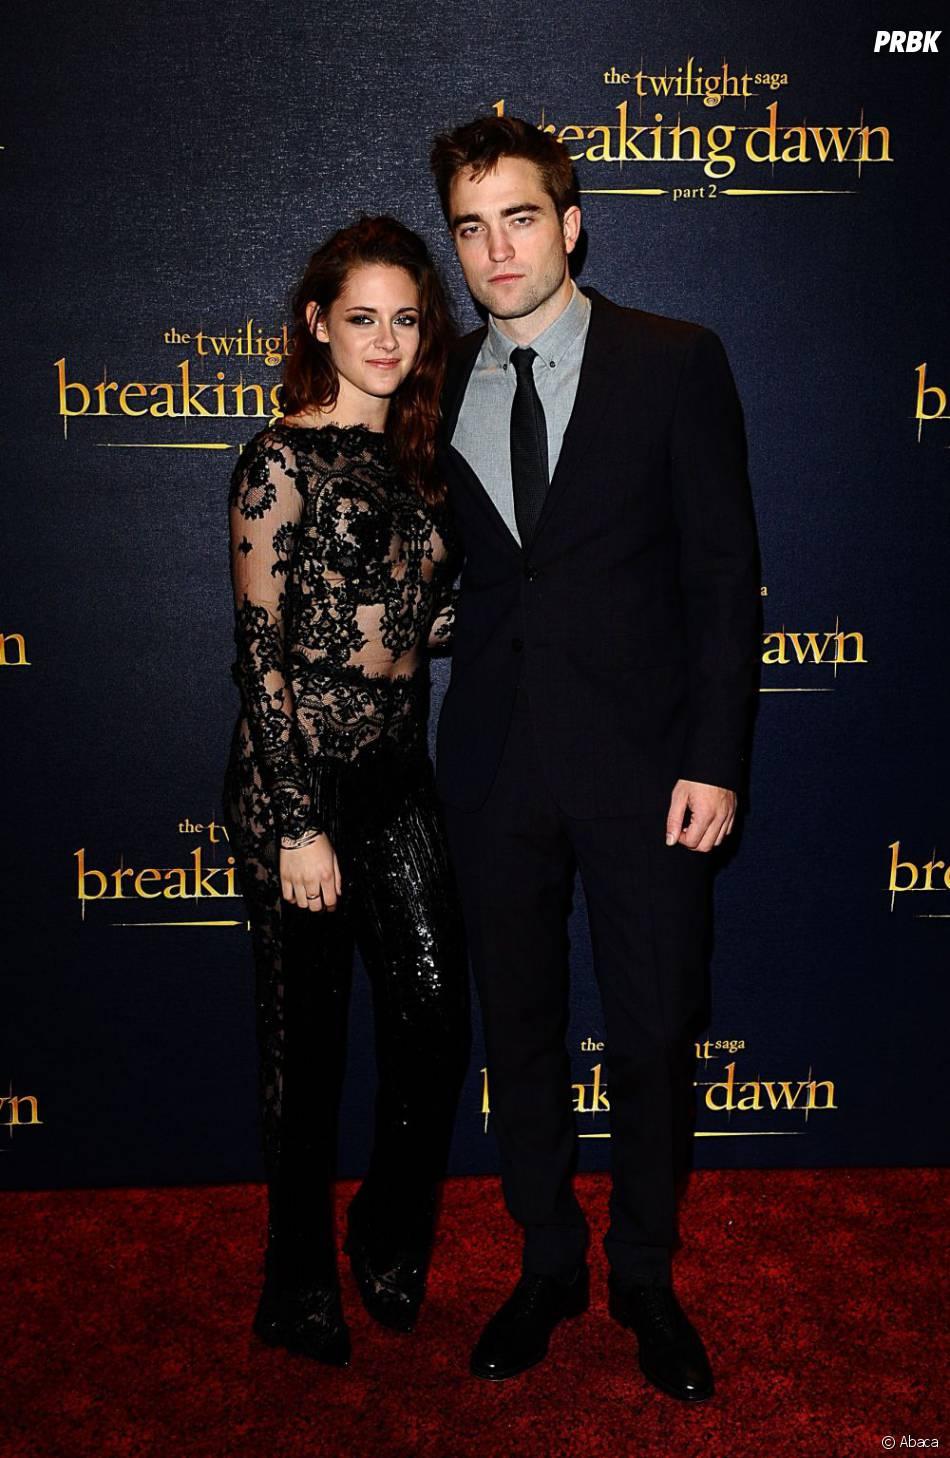 Kristen Stewart et Robert Pattinson : rupture annoncée en mai 2013